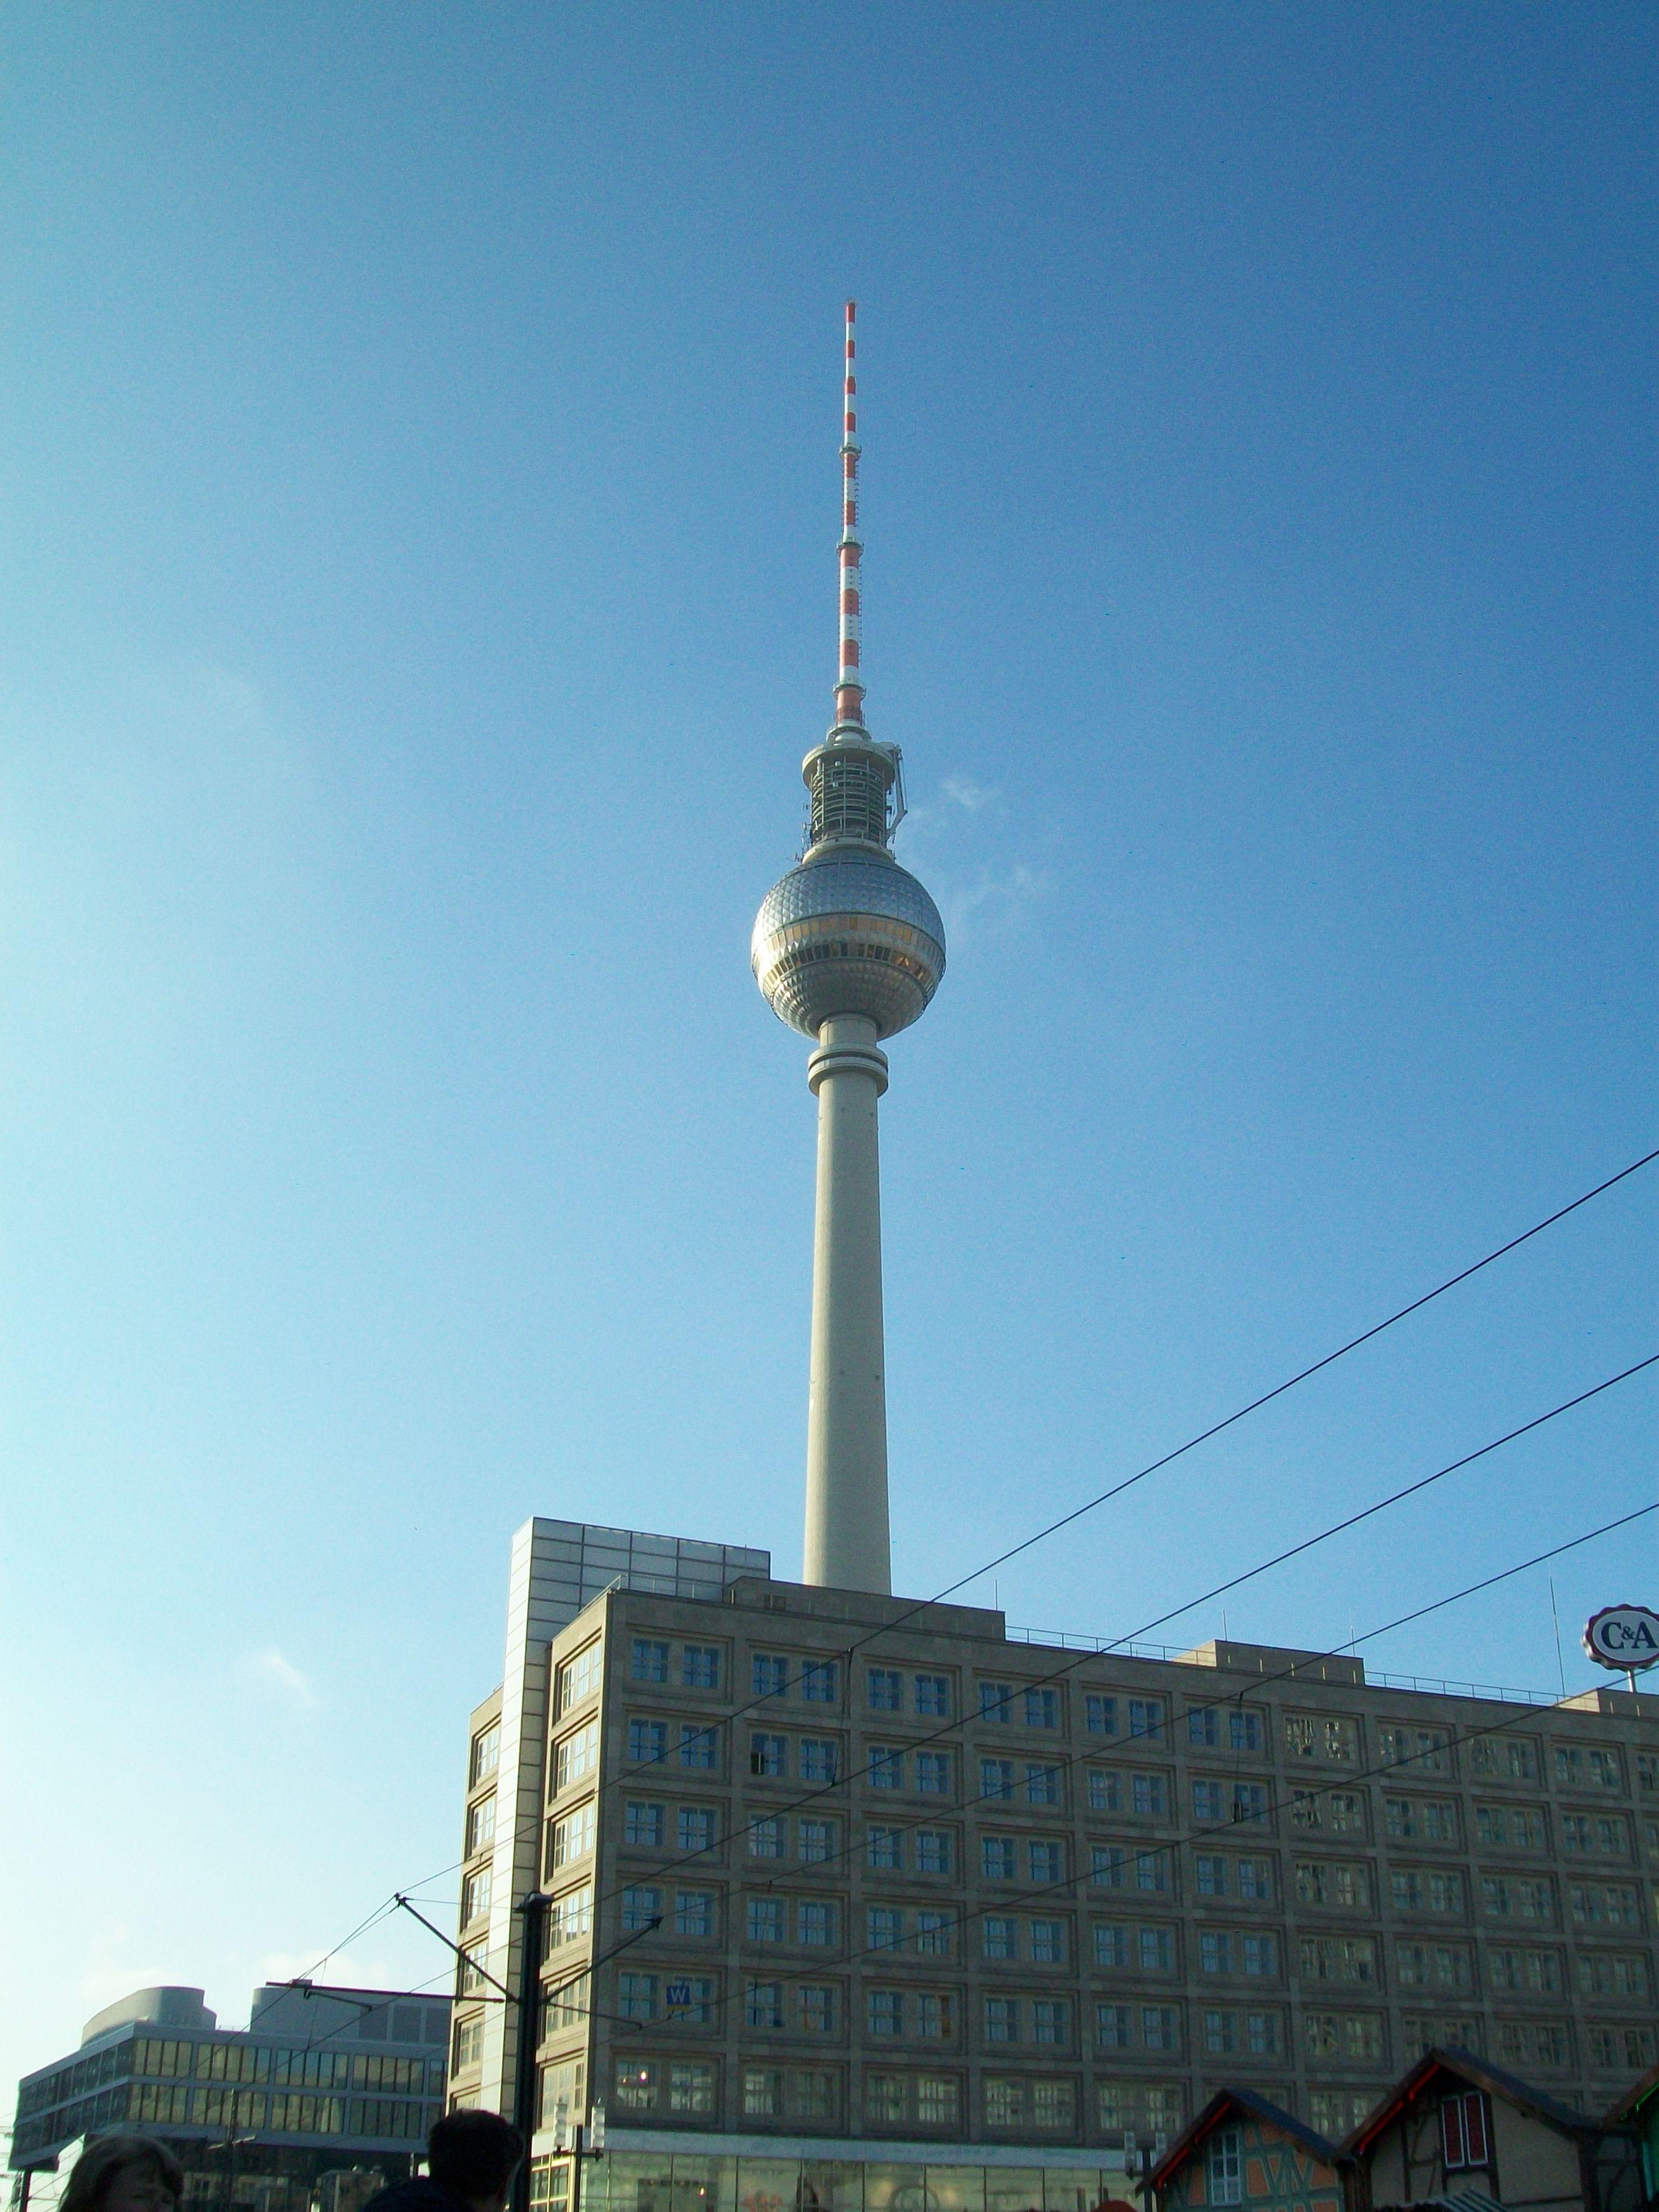 De televisietoren van het voormalige Oost-Berlijn. Gelegen op het Alexanderplatz.